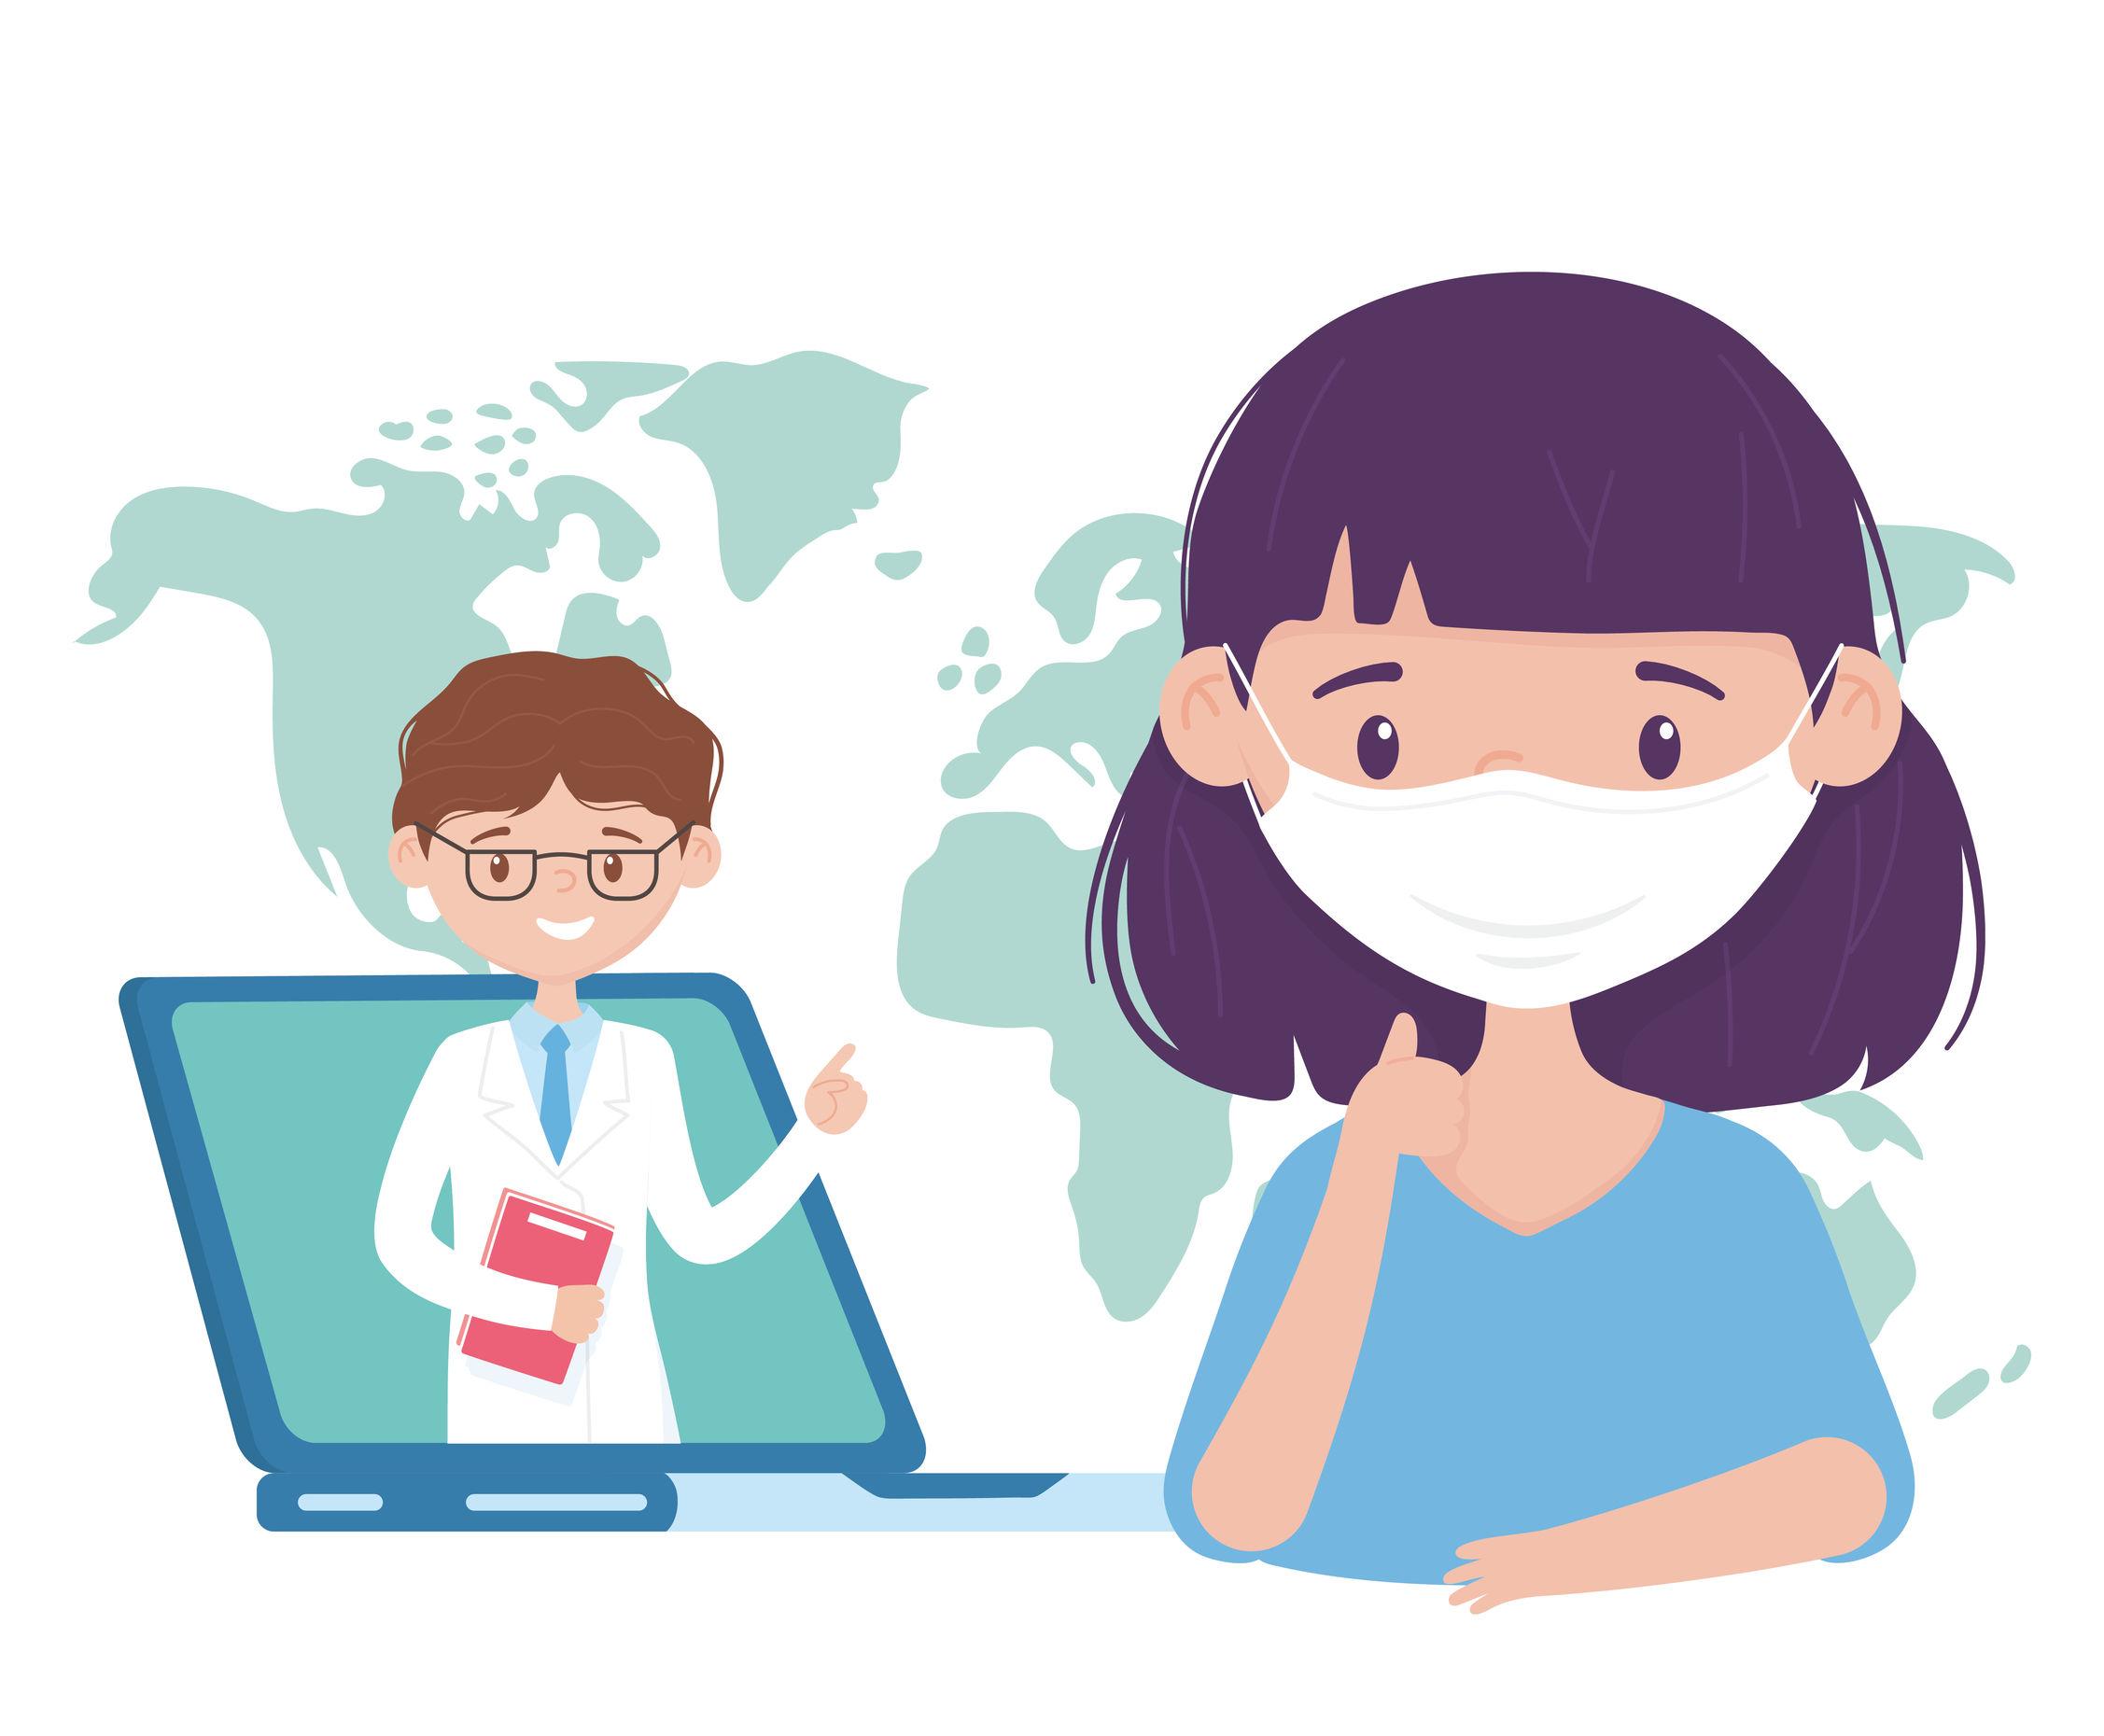 創源攜手醫界投入研究計畫 透過線上轉型助防疫